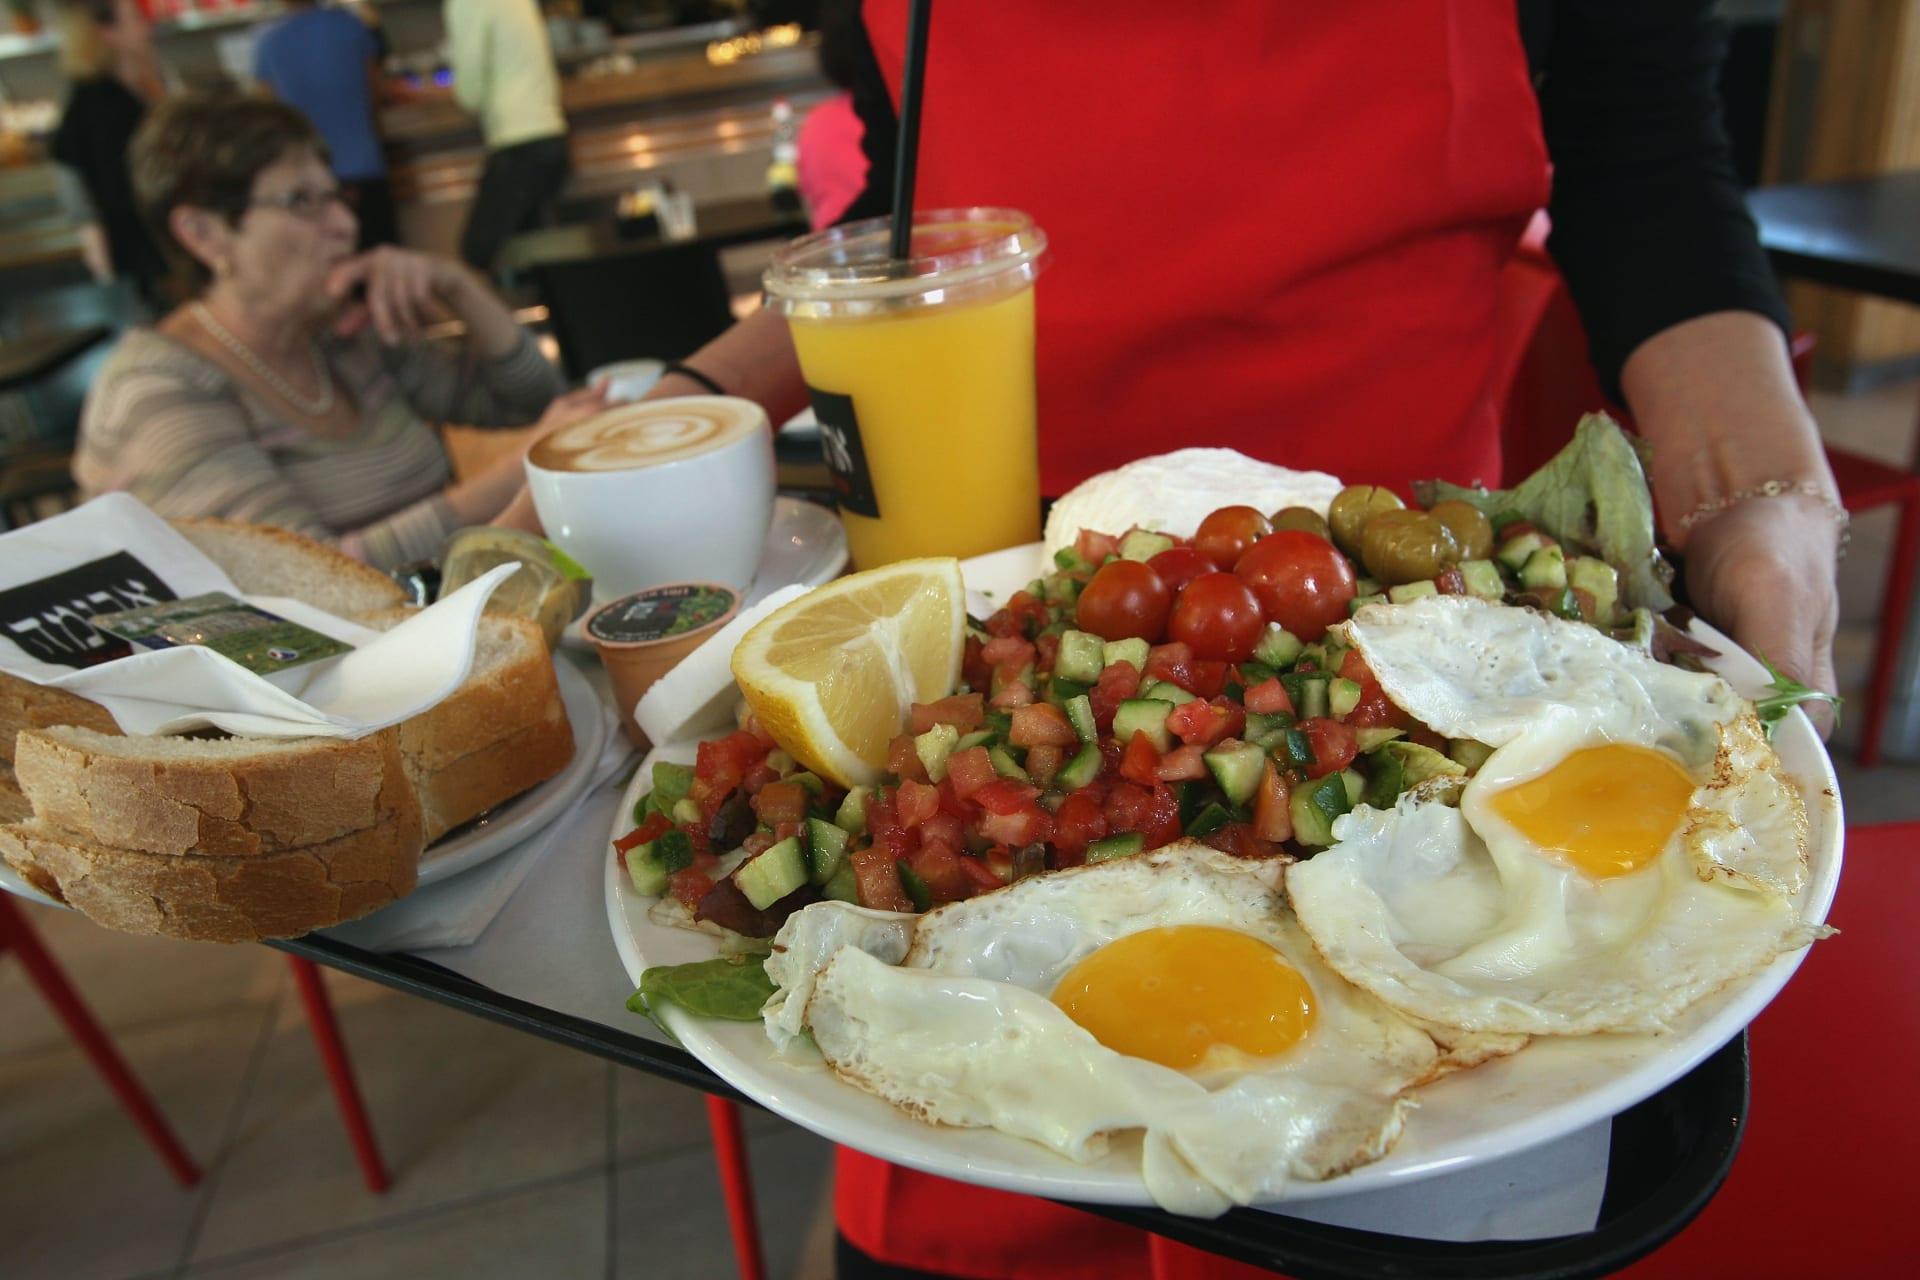 هل تحاول إنقاص وزنك؟ اكتشف ما هو أفضل لك: وجبات الطعام في الصباح أم في المساء